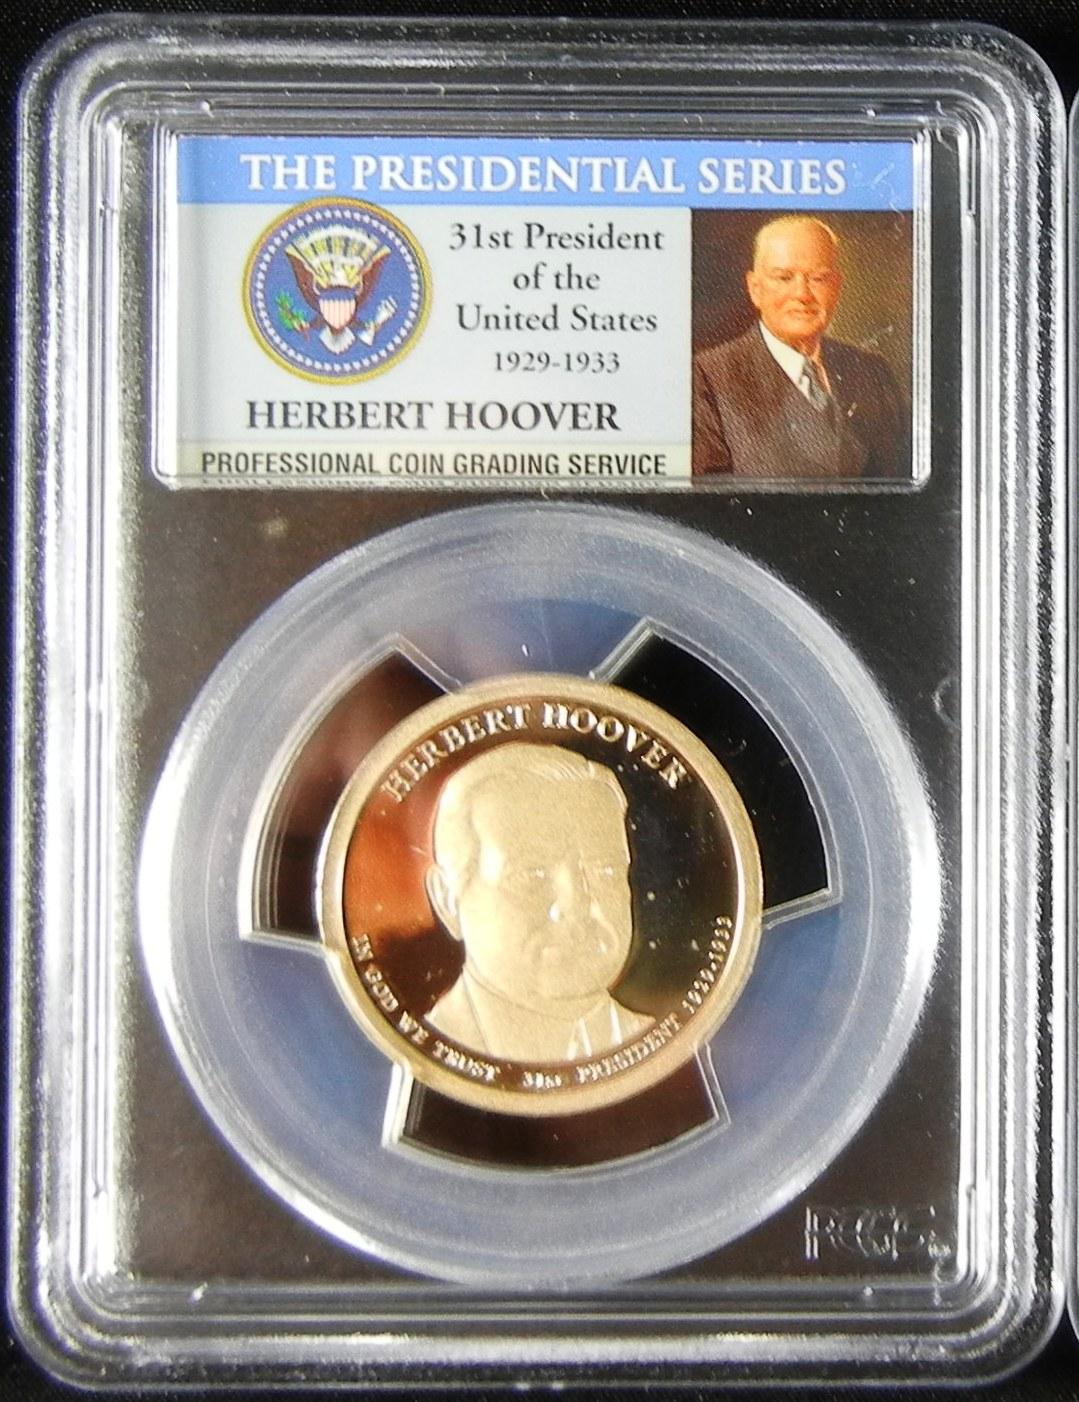 美國第31任總統Herbert Hoover一元精製硬幣